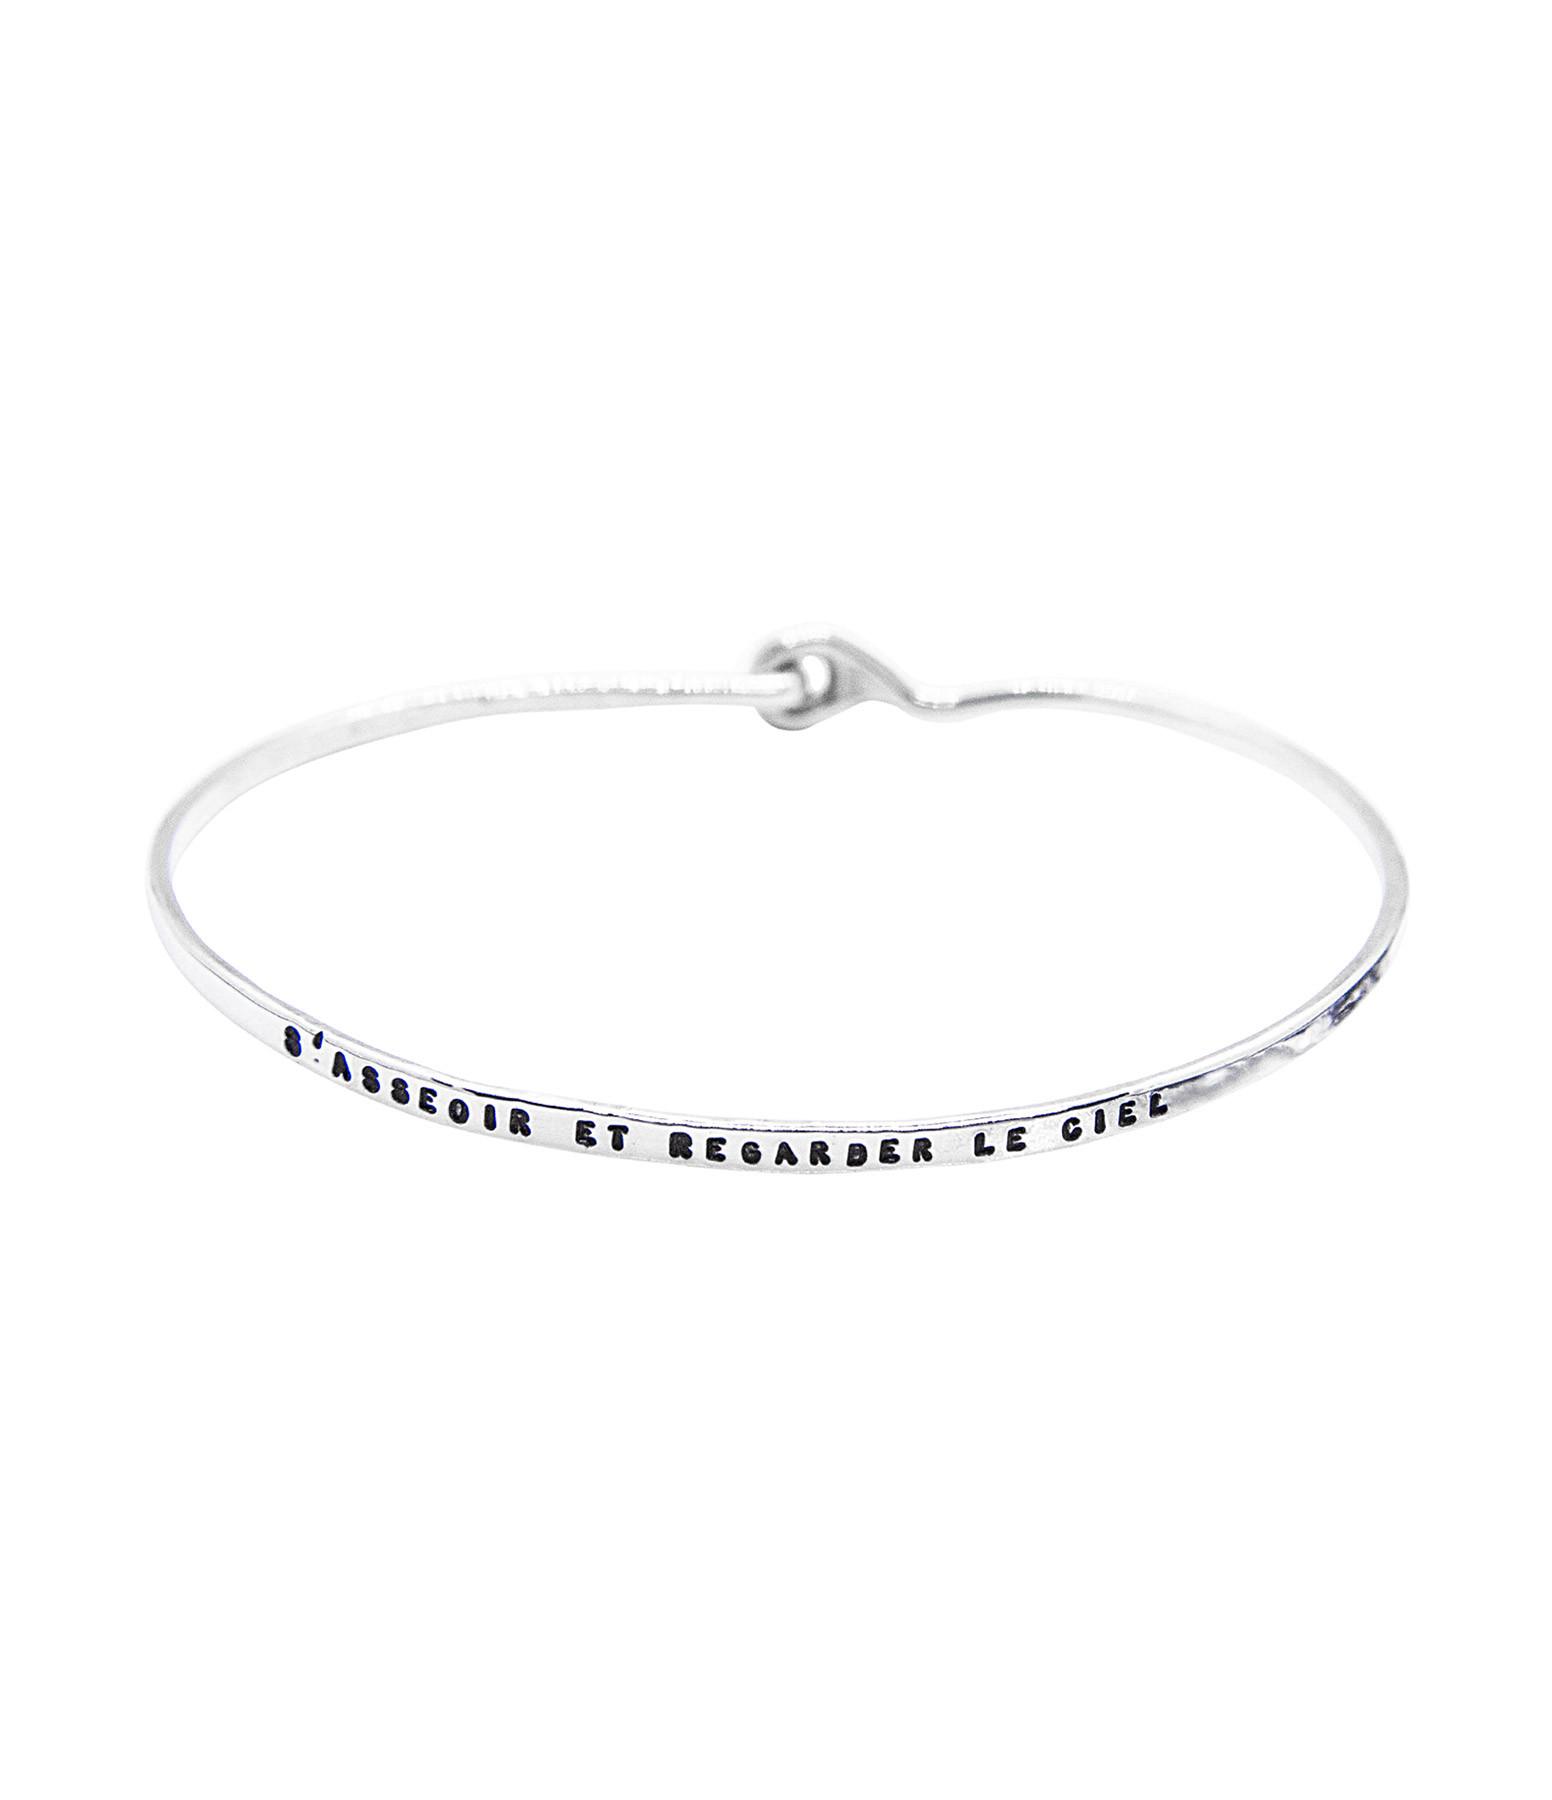 SERGE THORAVAL - Bracelet S'asseoir Argent